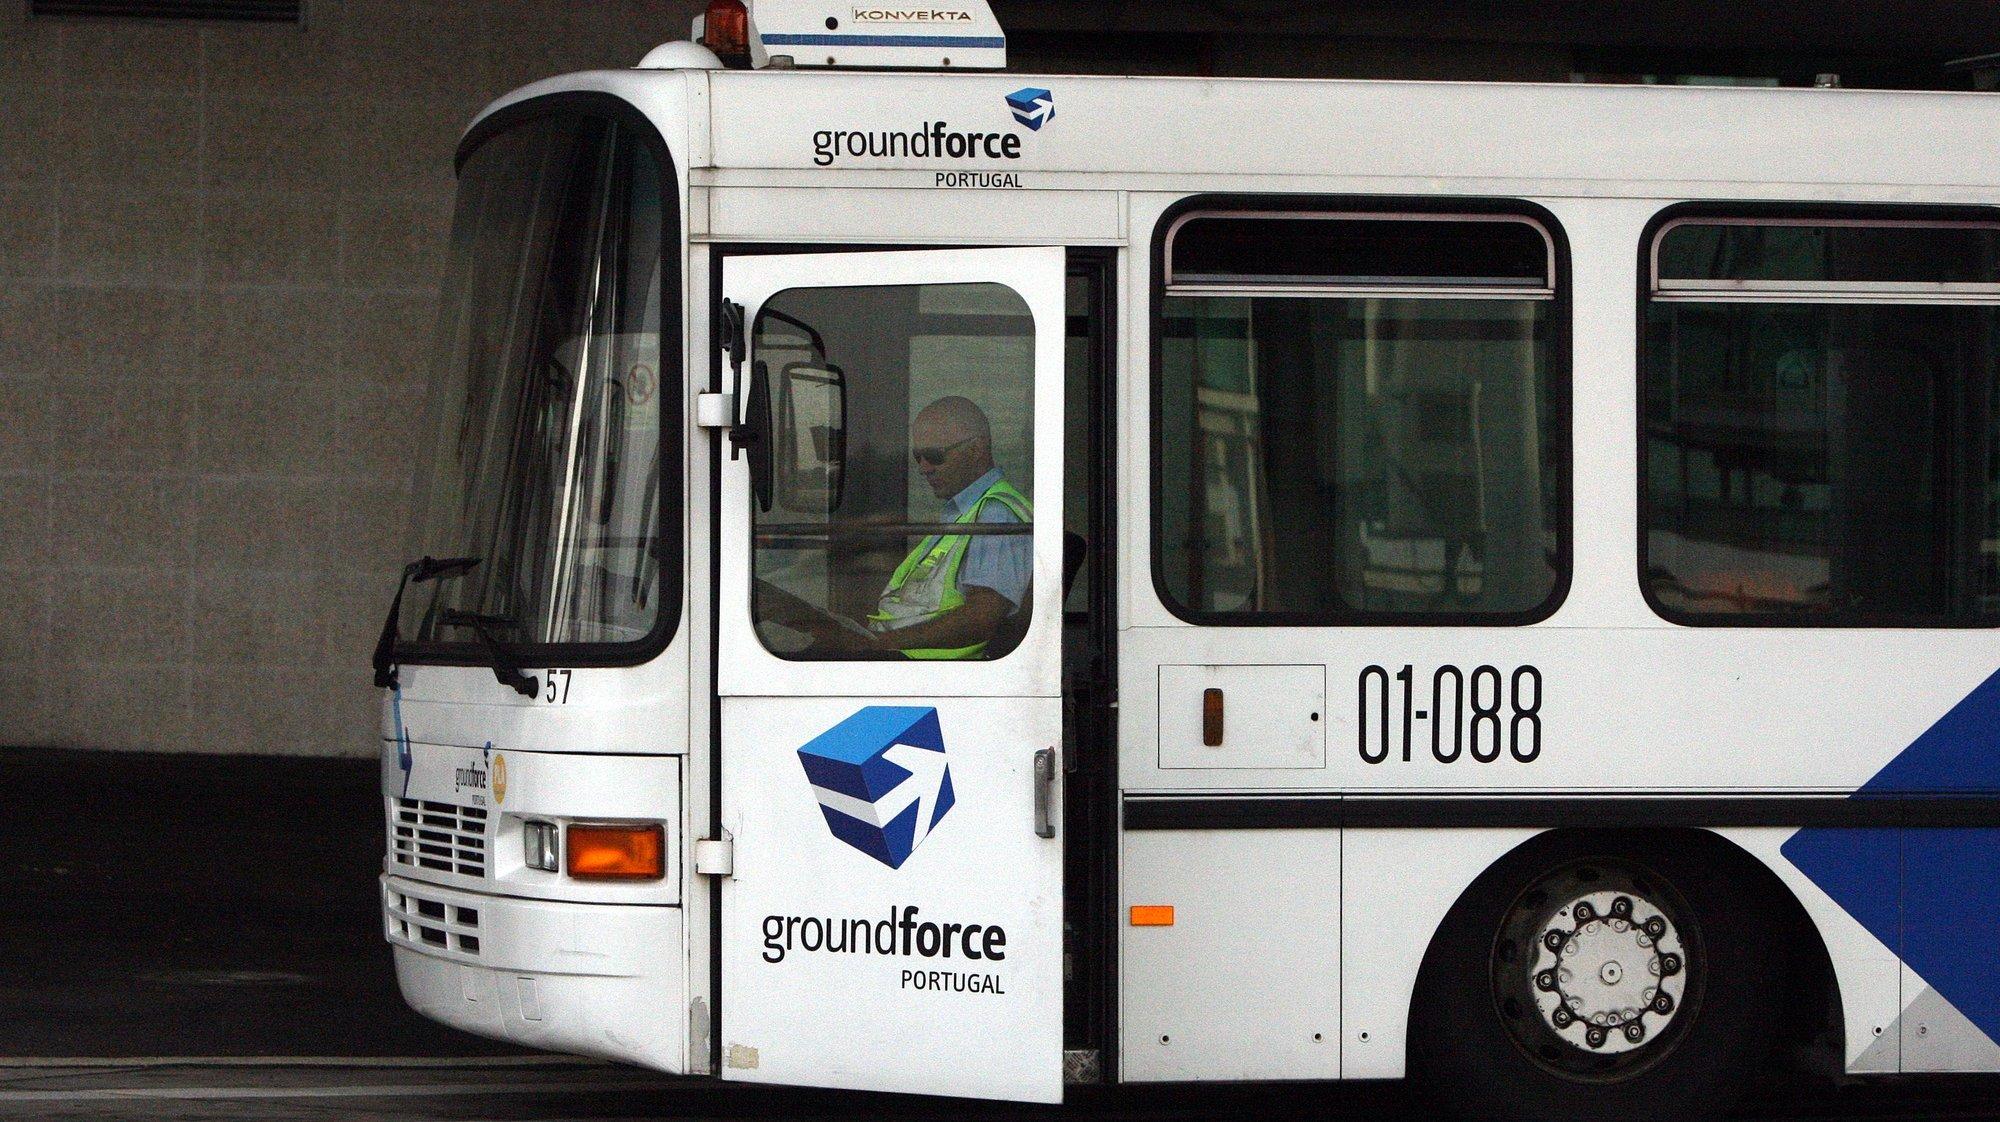 Um funcionário da Groundforce lê o jornal durante uma pausa, aeroporto Sá Carneiro, Porto, 27 de junho de 2012. JOSE COELHO/LUSA